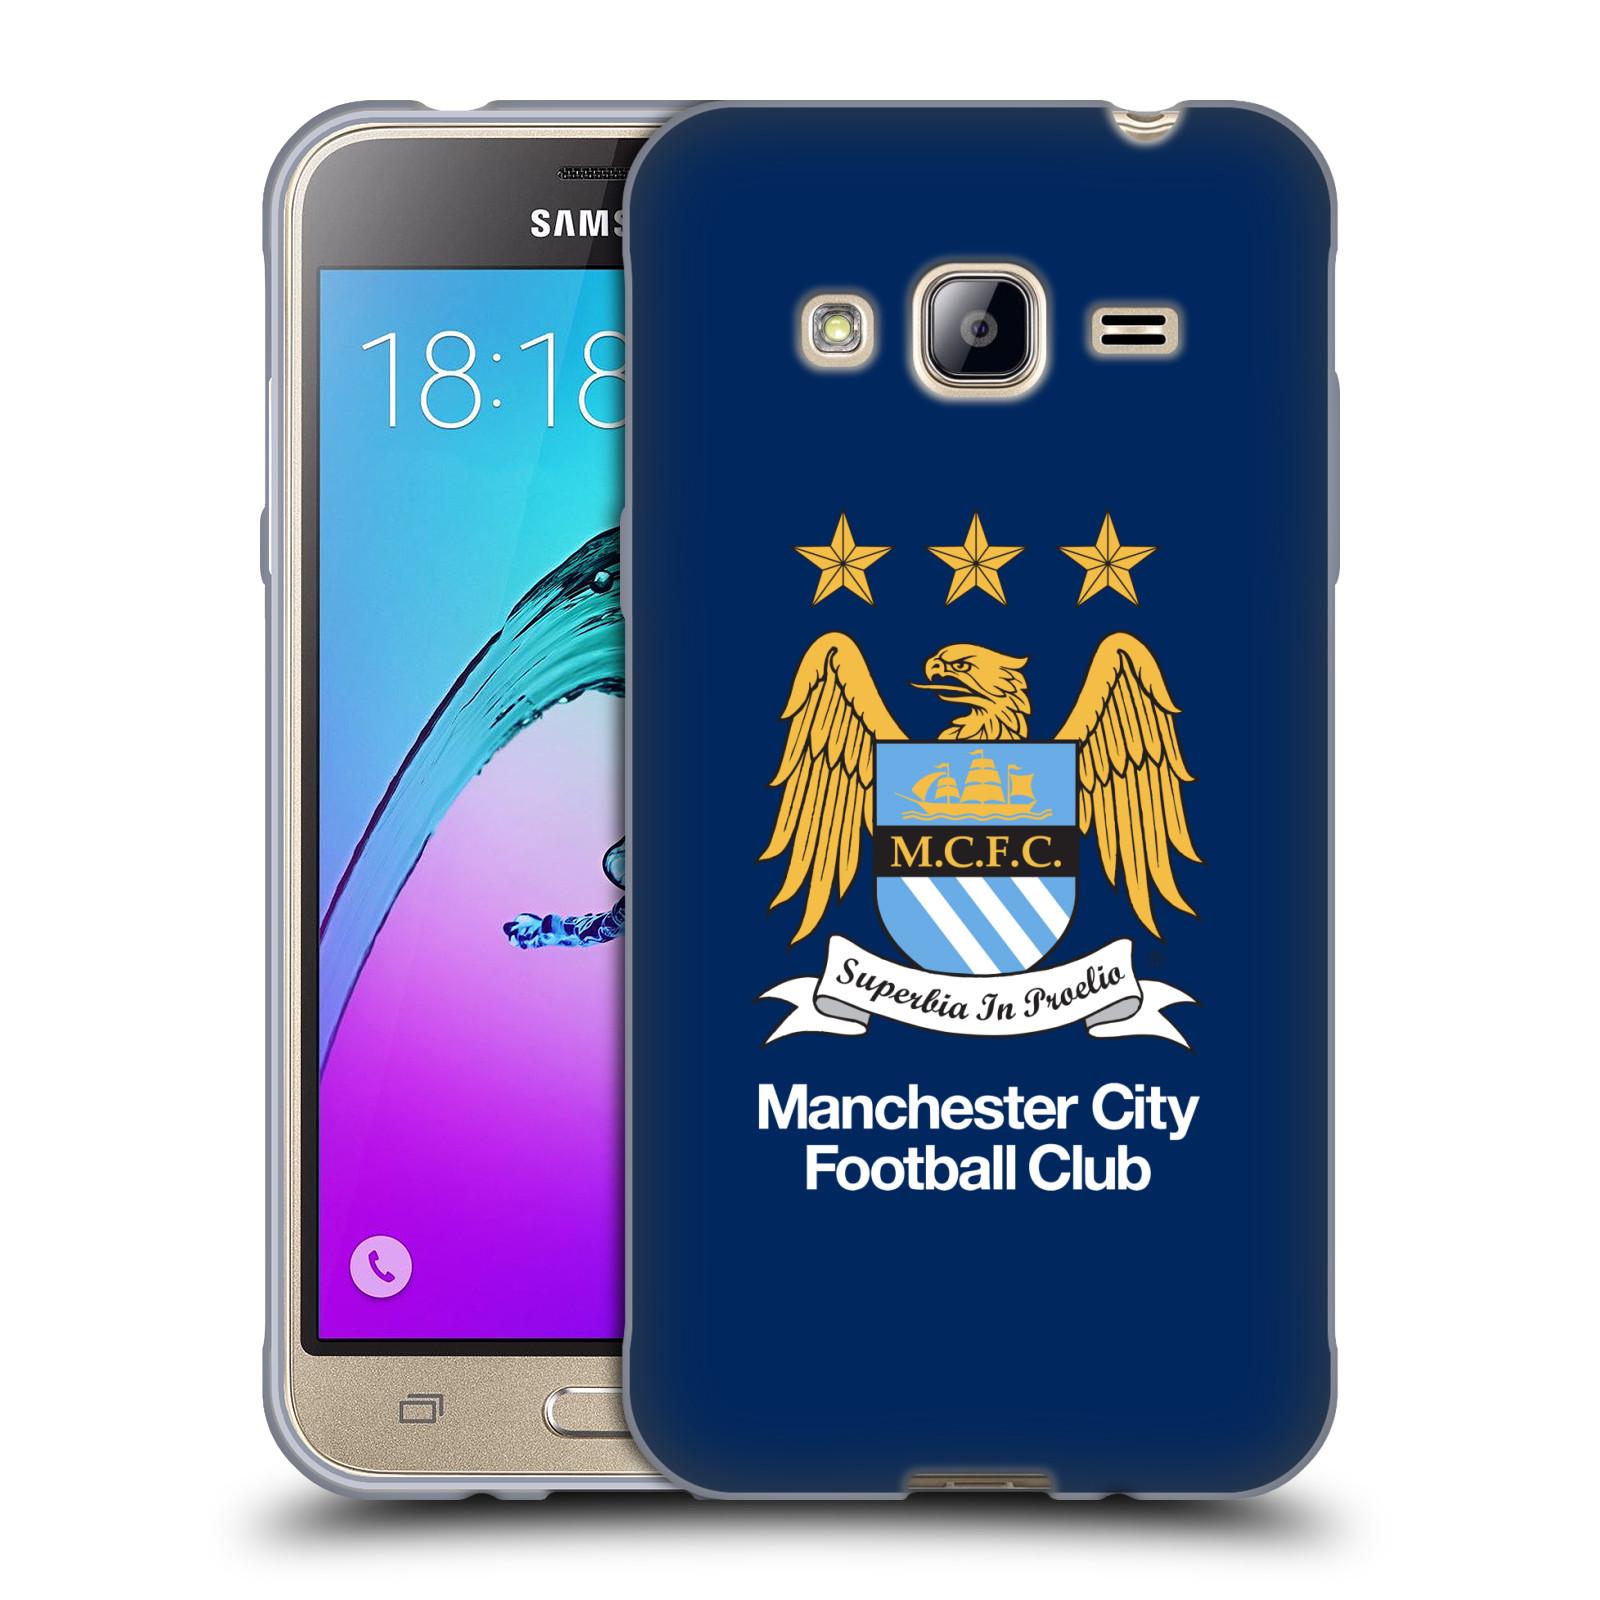 HEAD CASE silikonový obal na mobil Samsung Galaxy J3, J3 2016 Fotbalový klub Manchester City modré pozadí velký znak